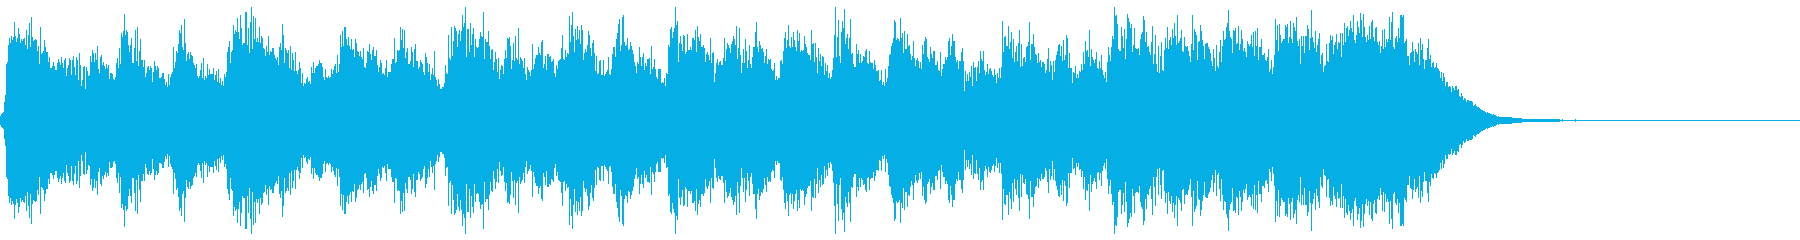 古風で格調高いフルオケジングル合唱抜の再生済みの波形